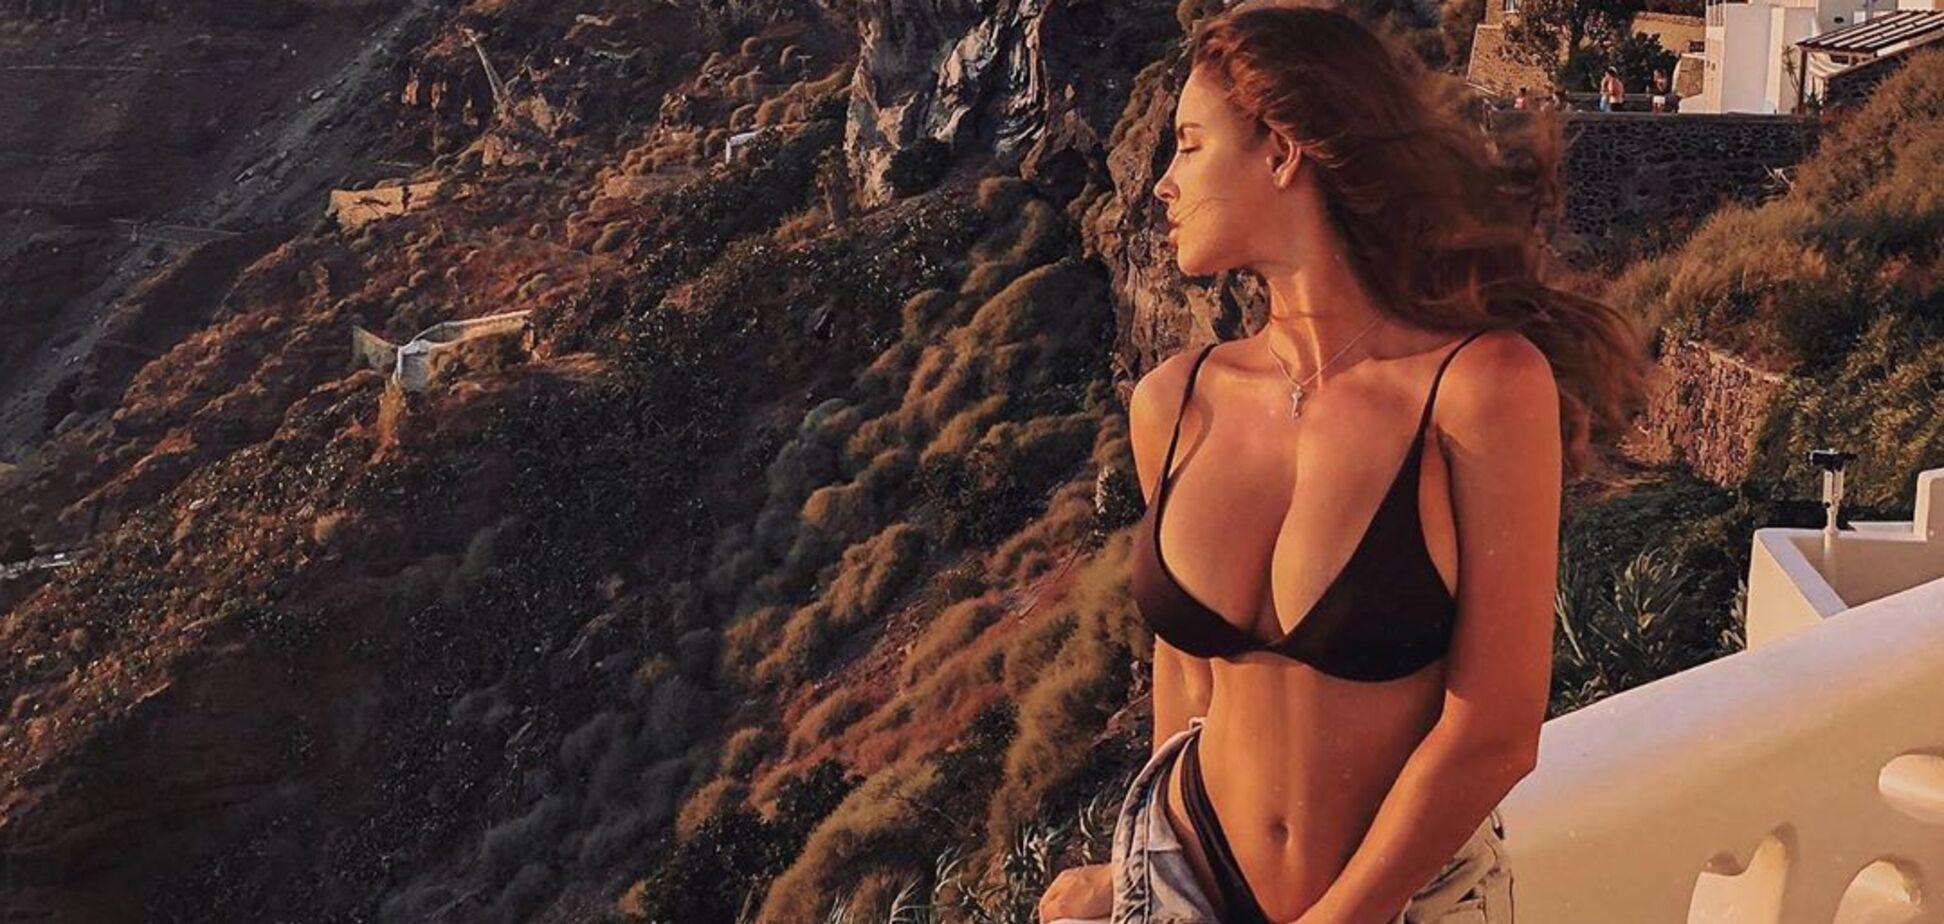 Знаменита фітнес-модель Люсія Яворчекова знялася повністю оголеною в басейні